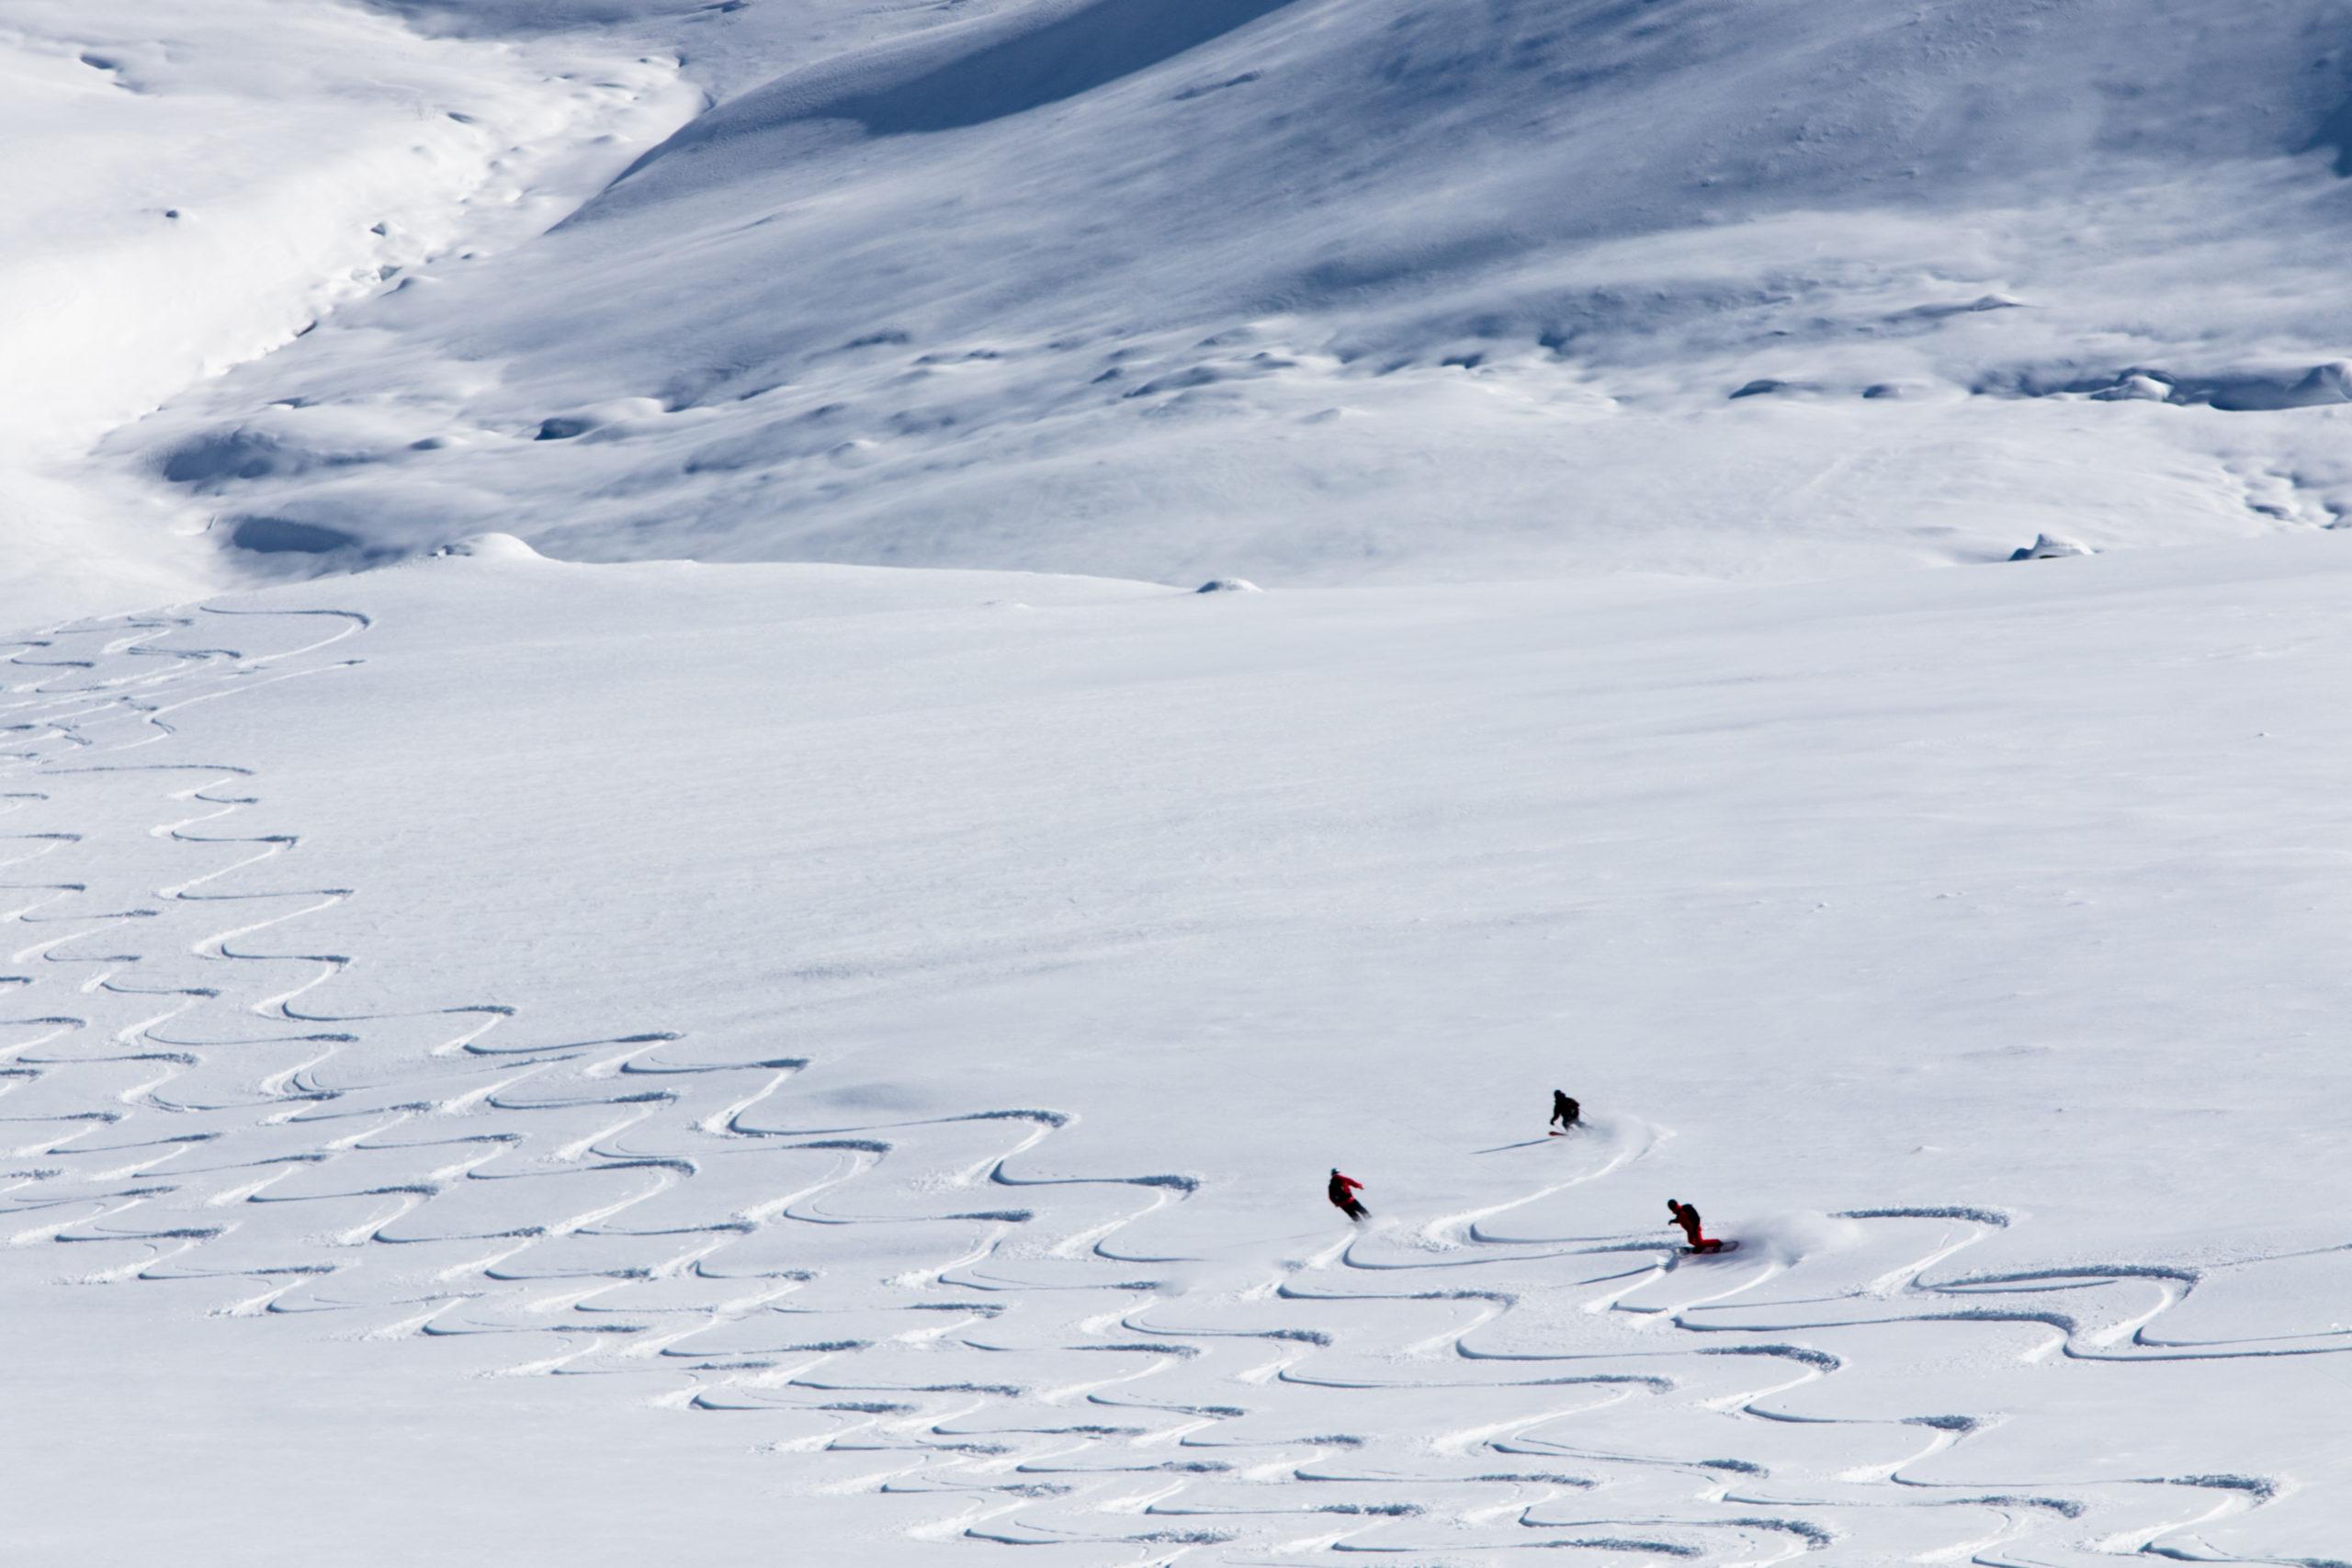 Pistes de ski en Turquie